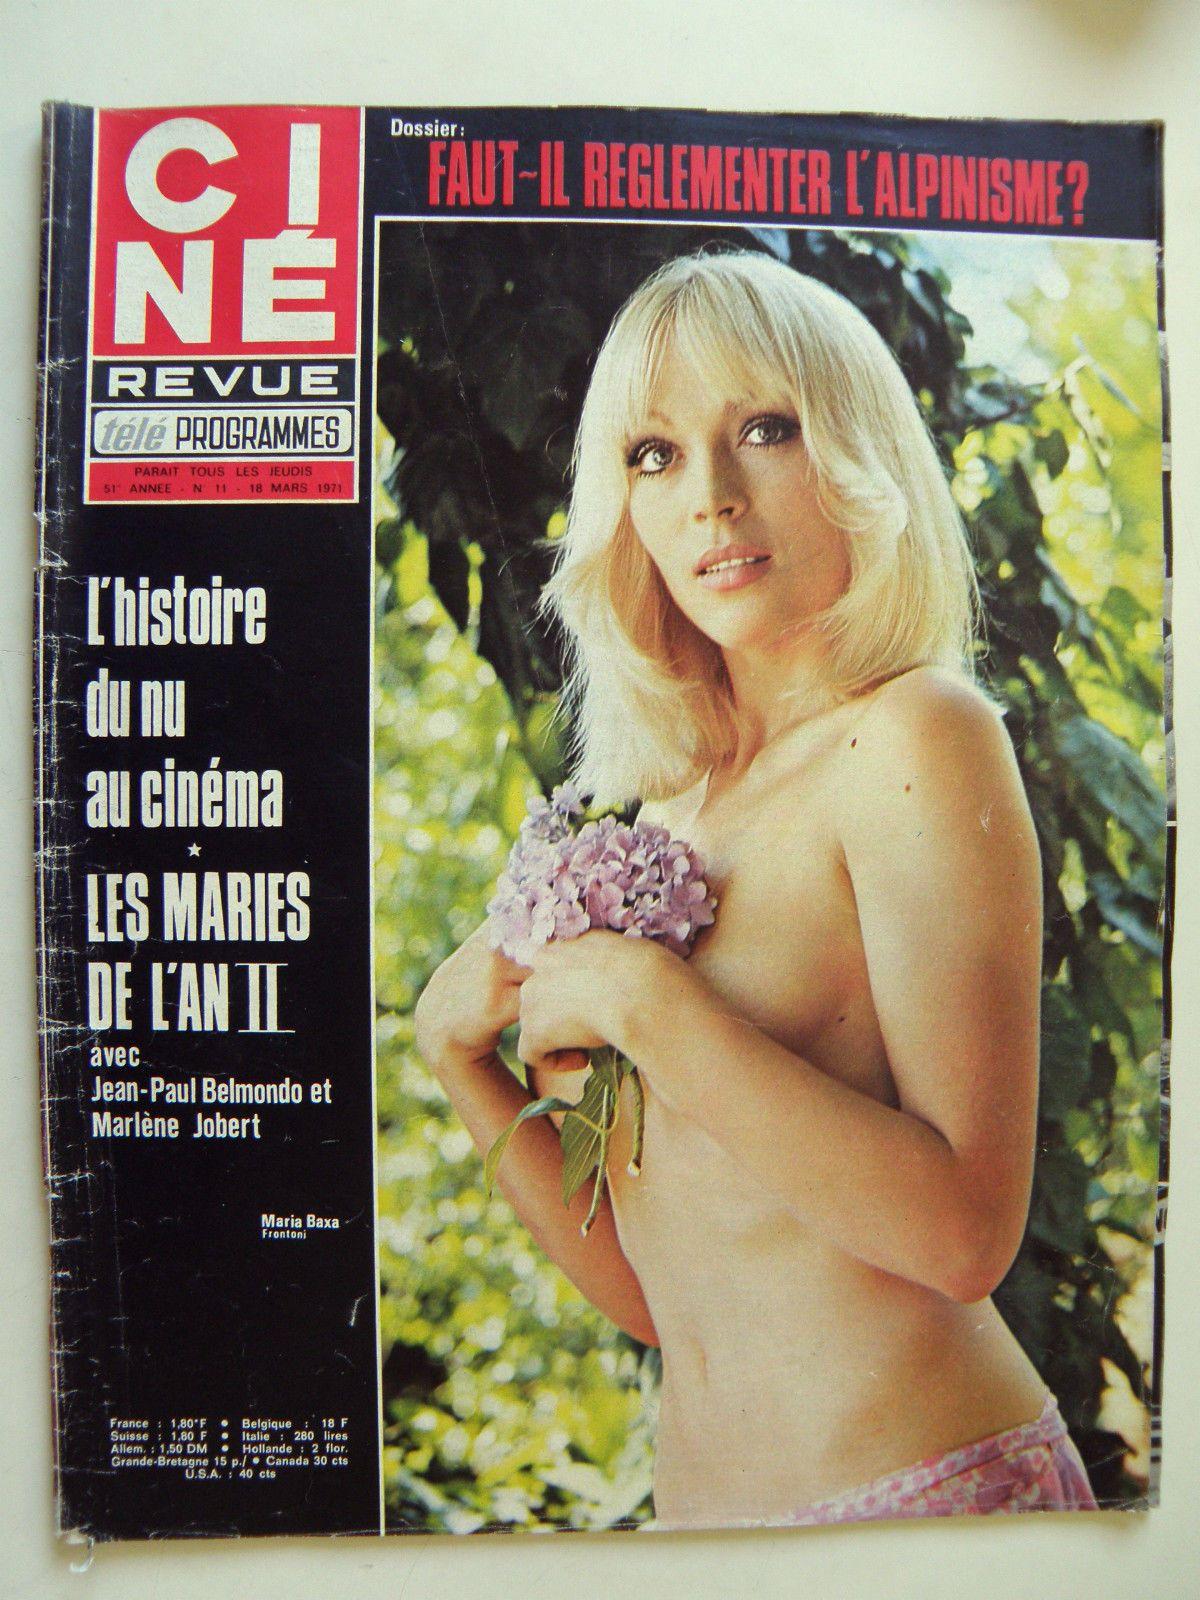 Agathe De La Boulaye